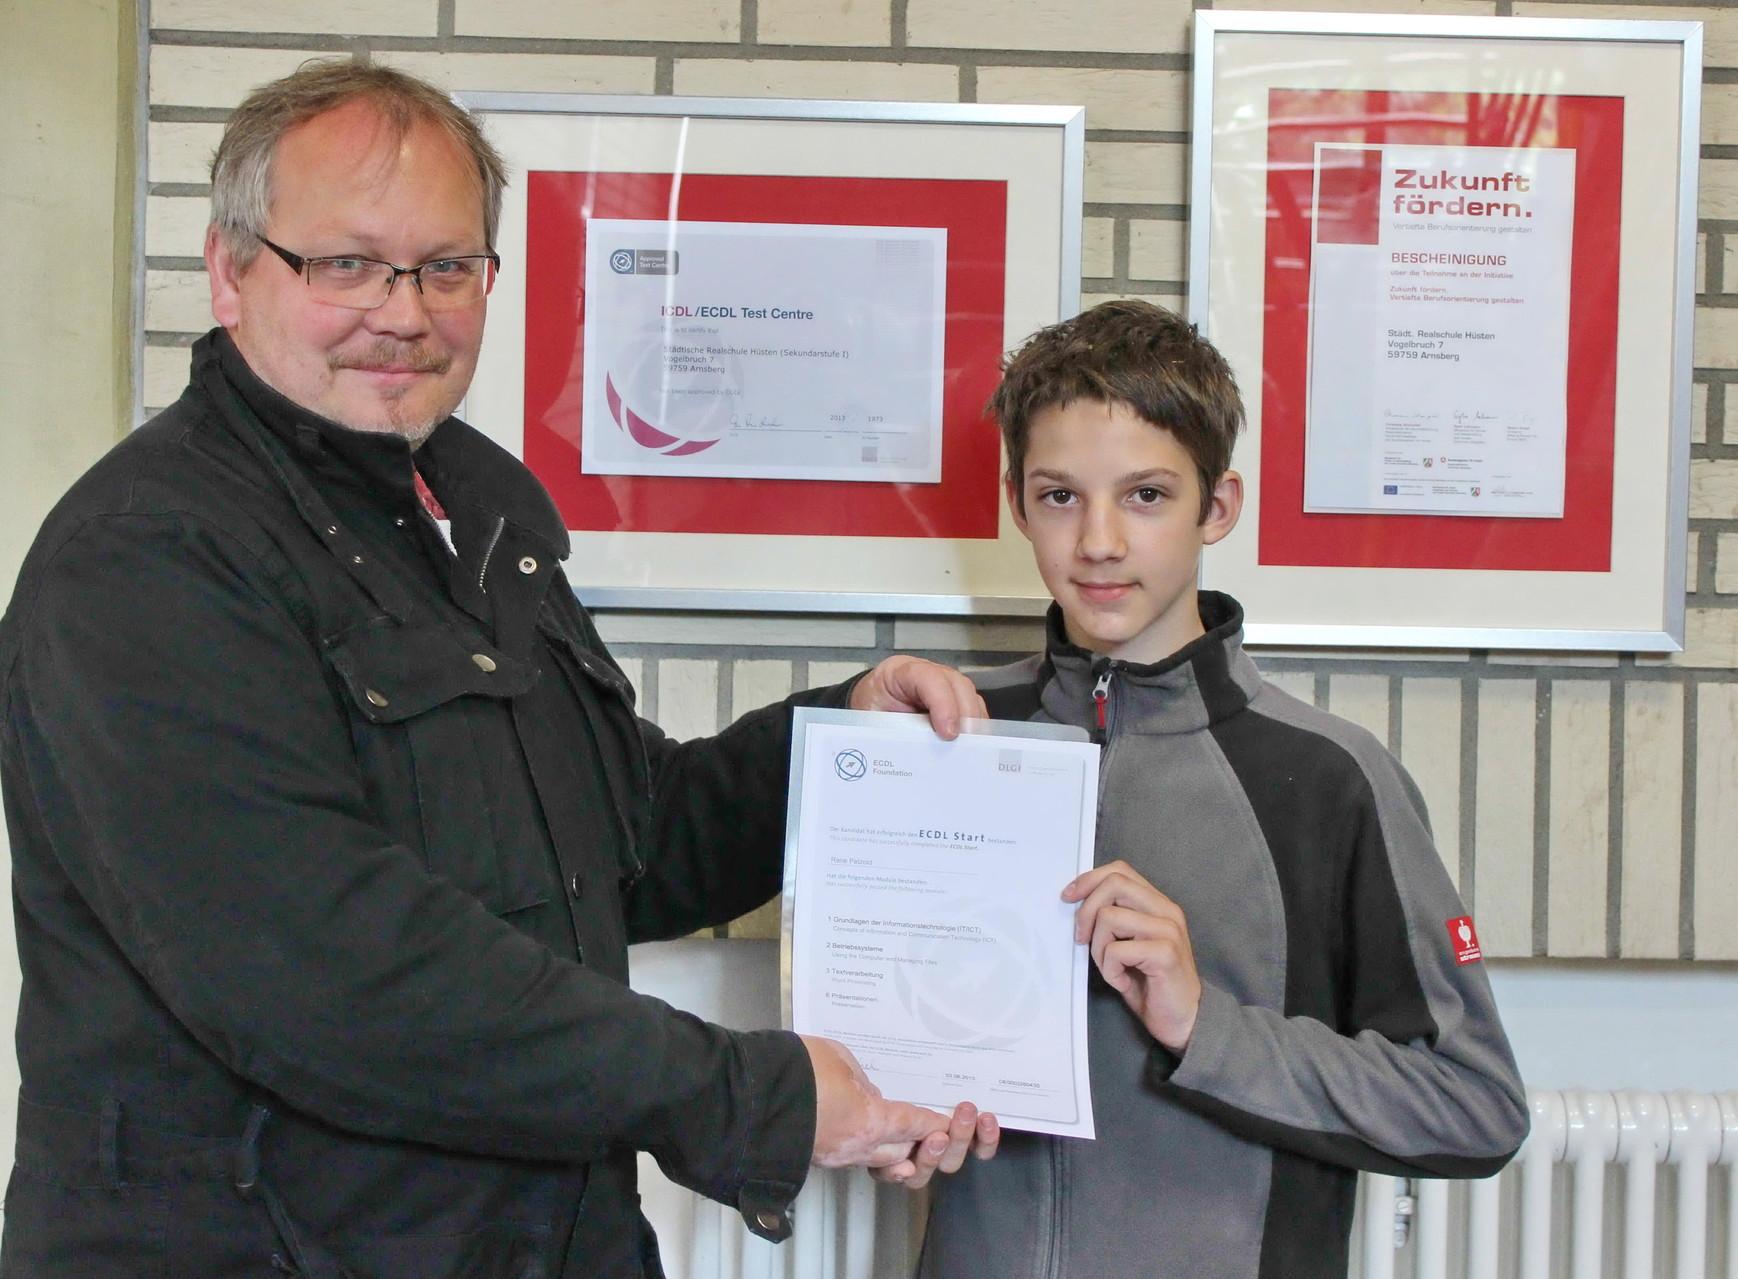 Informatik: Lehrer und Schüler sind stolz auf das ECDL-Zertifikat (European Computer Driving Licence)